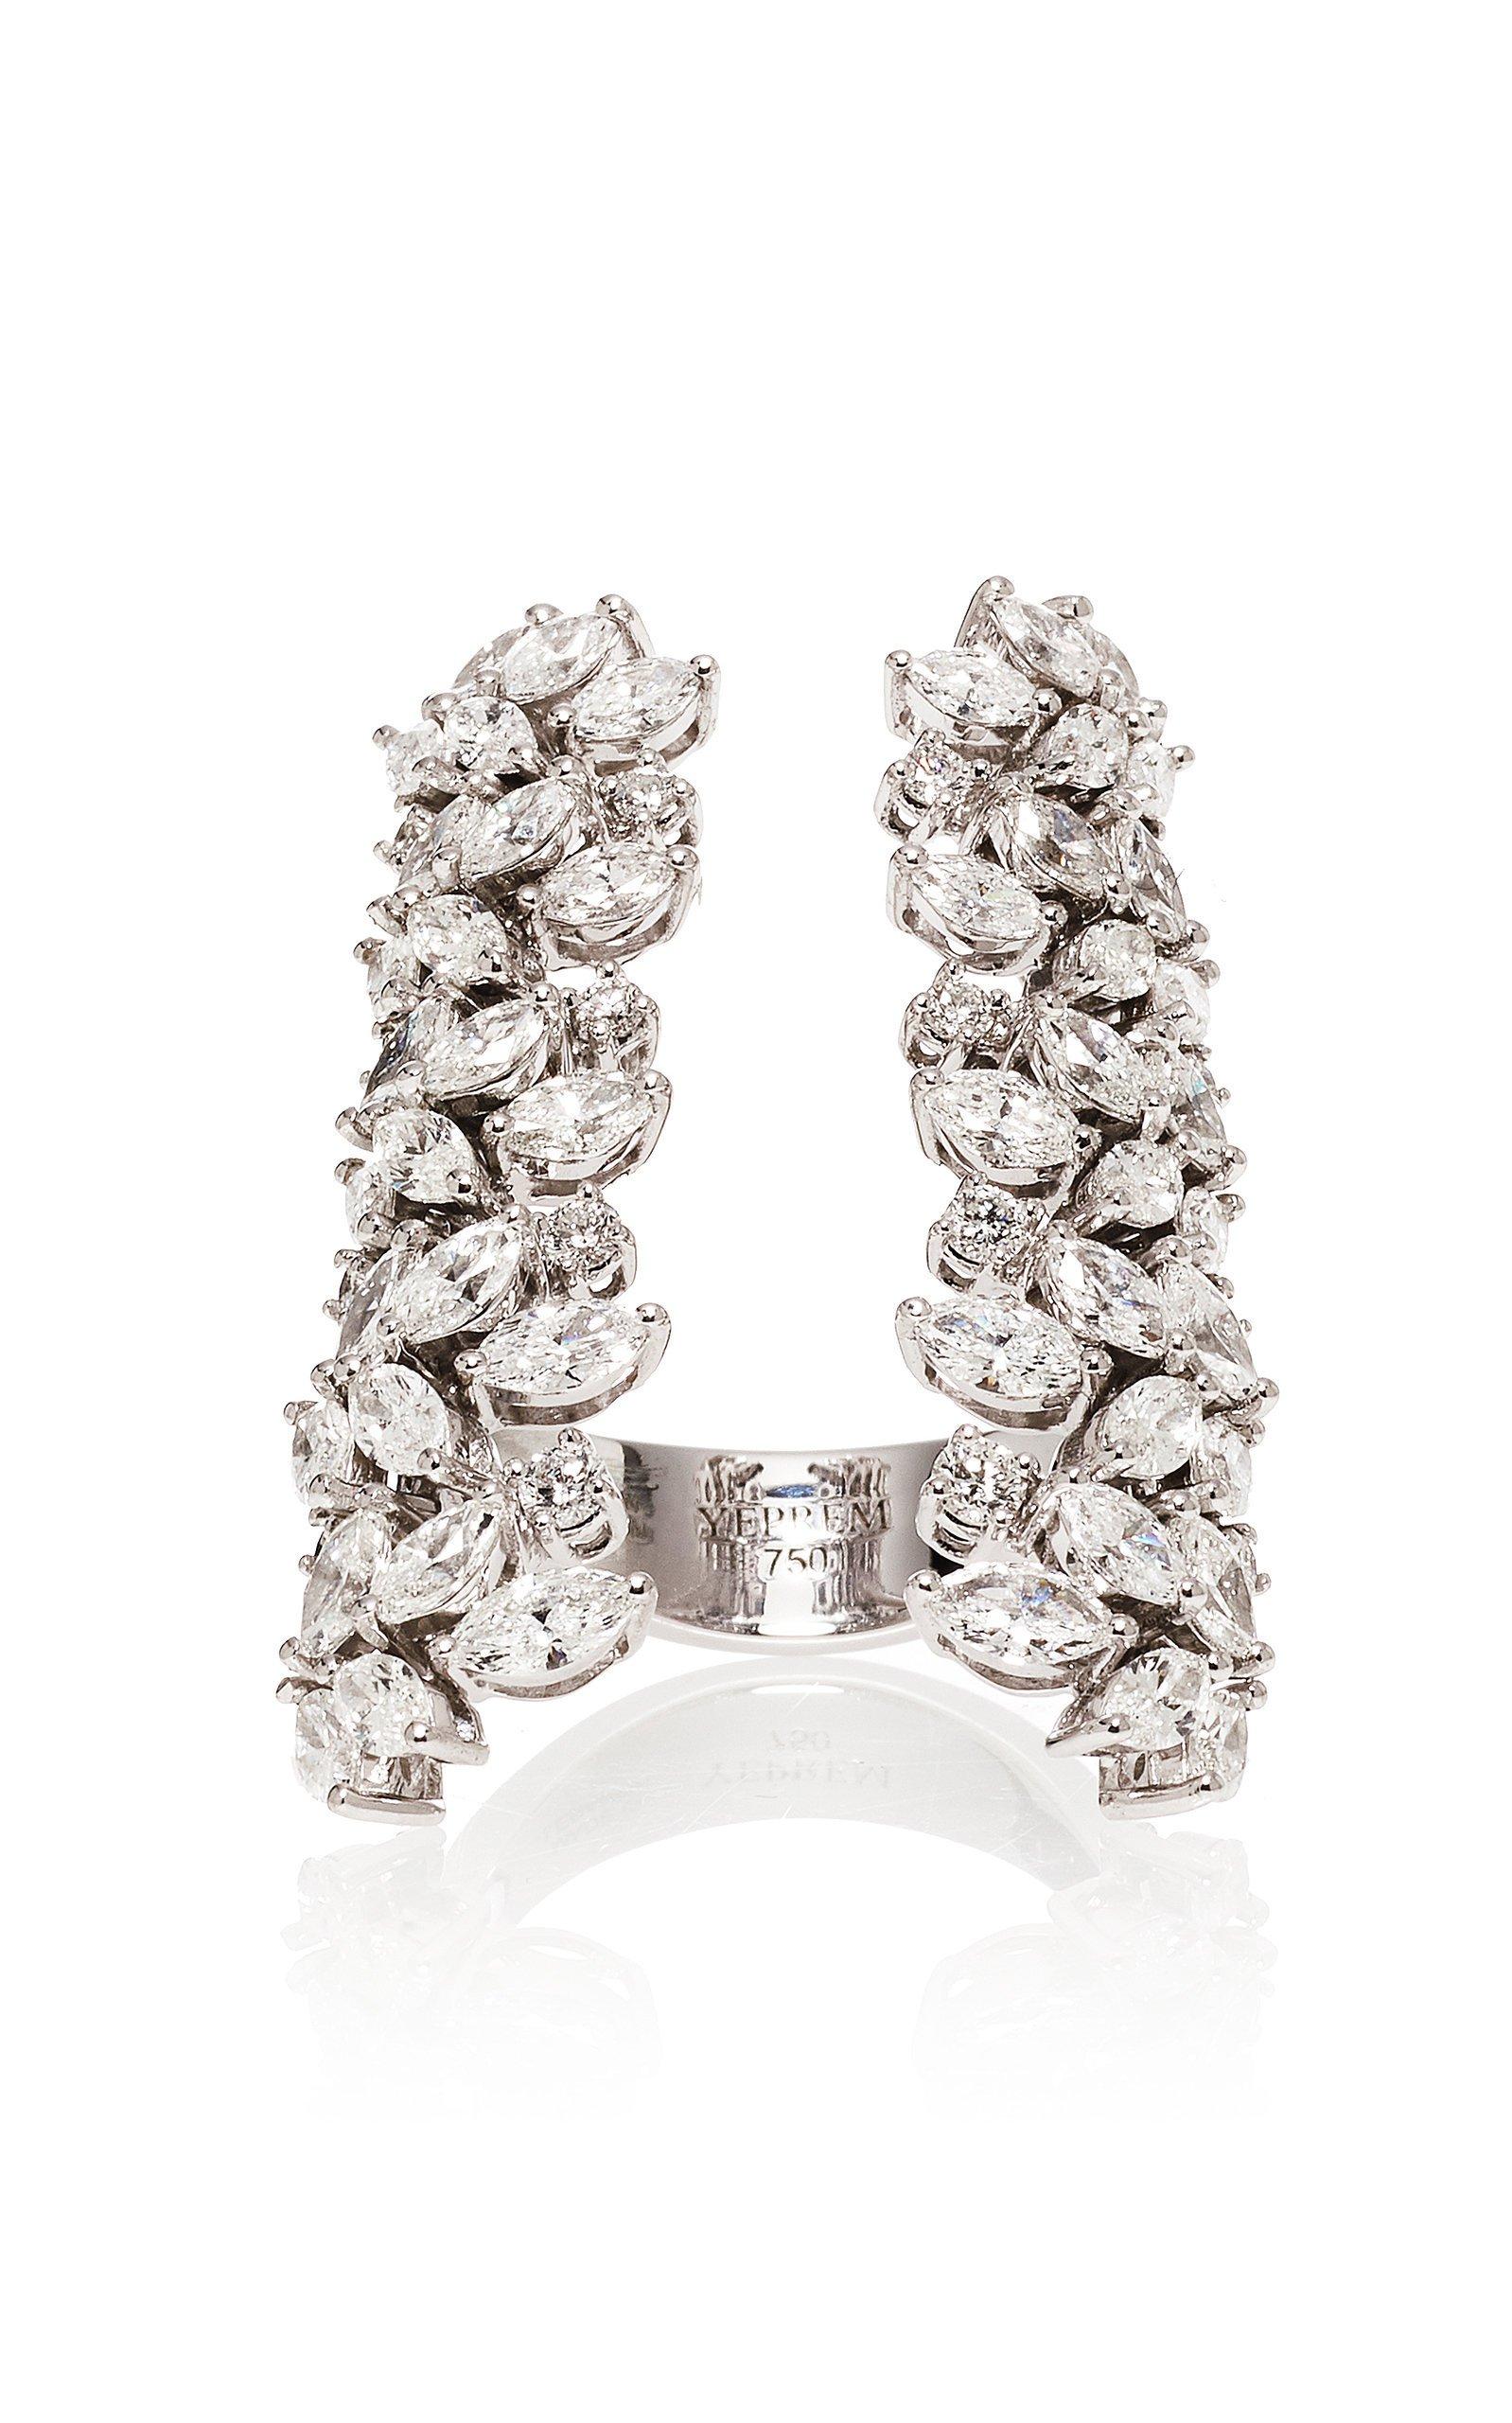 Yeprem Wreath Frame 18K White And Diamond Ring